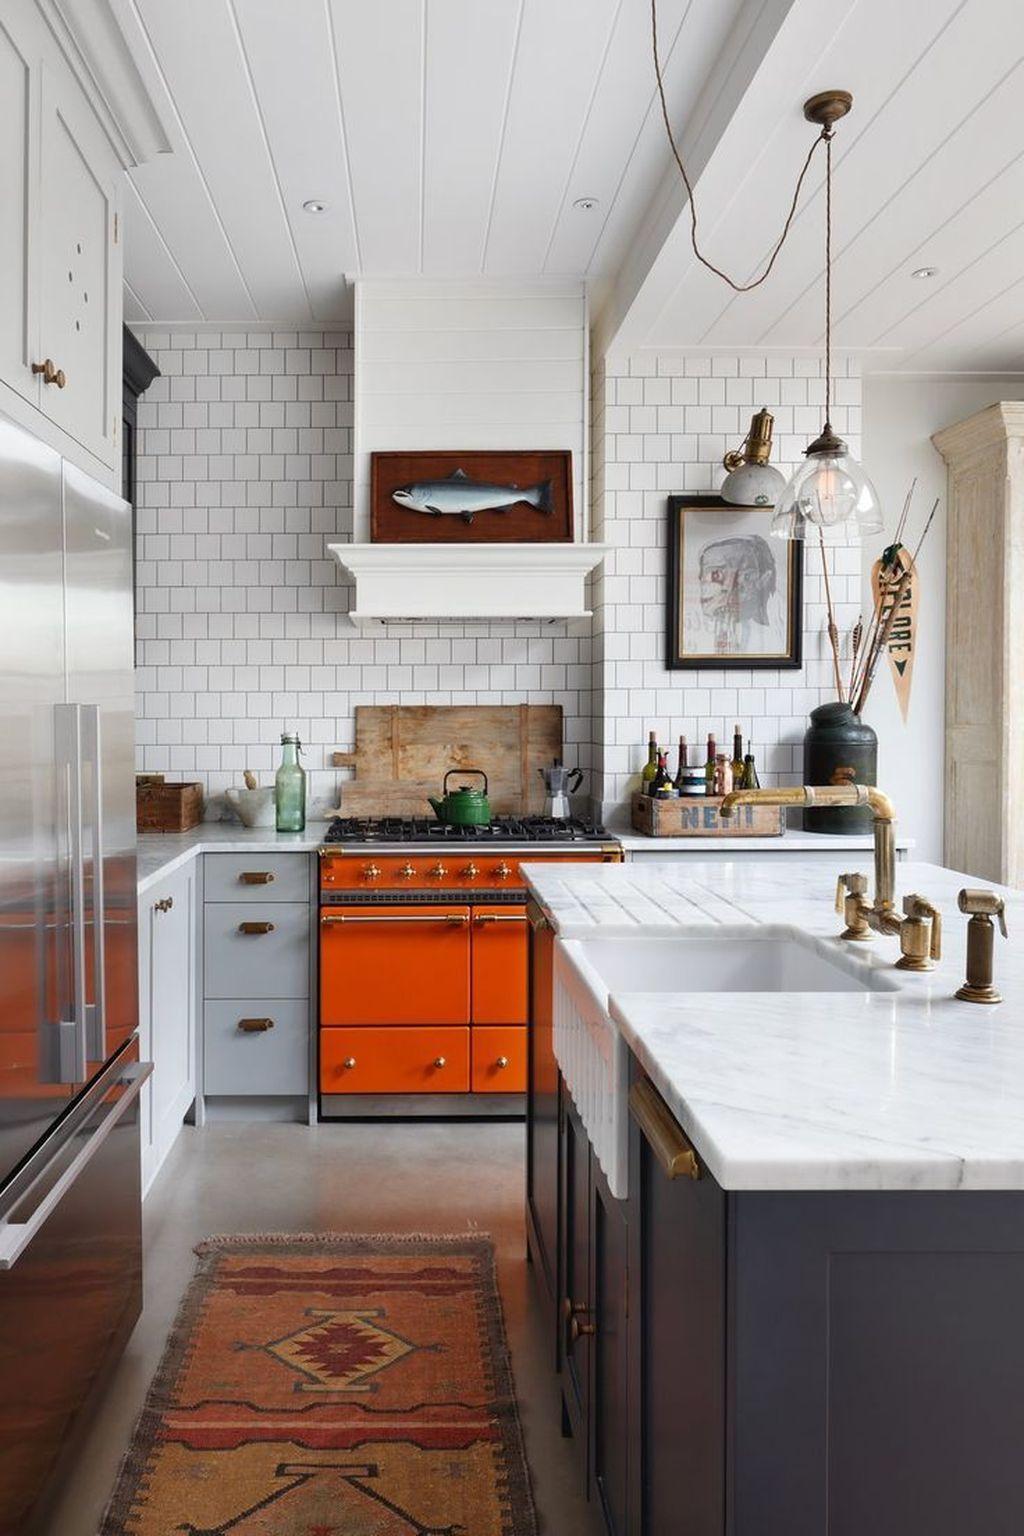 modern but simple kitchen design ideas kitchen pinterest